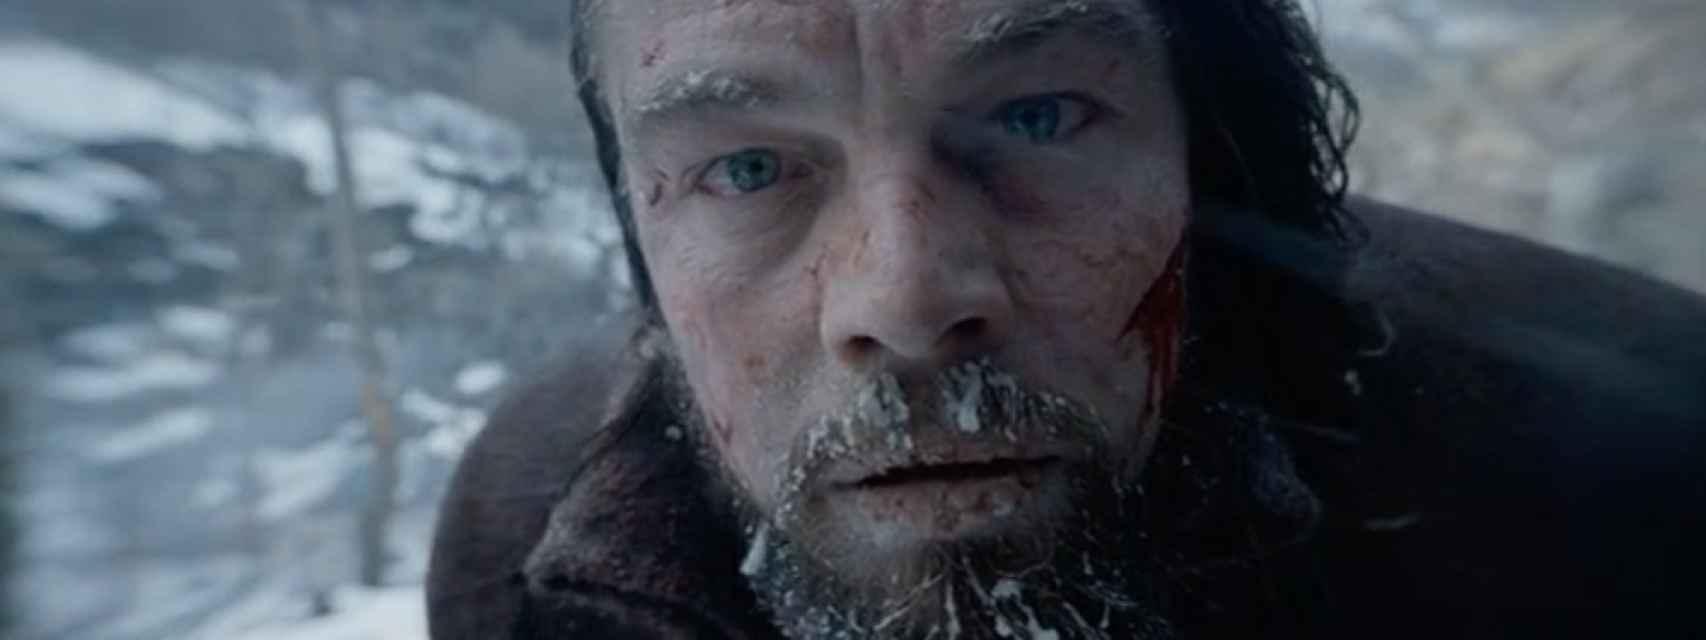 Plano final de El renacido, con el primer plano de DiCaprio pidiendo el Oscar.